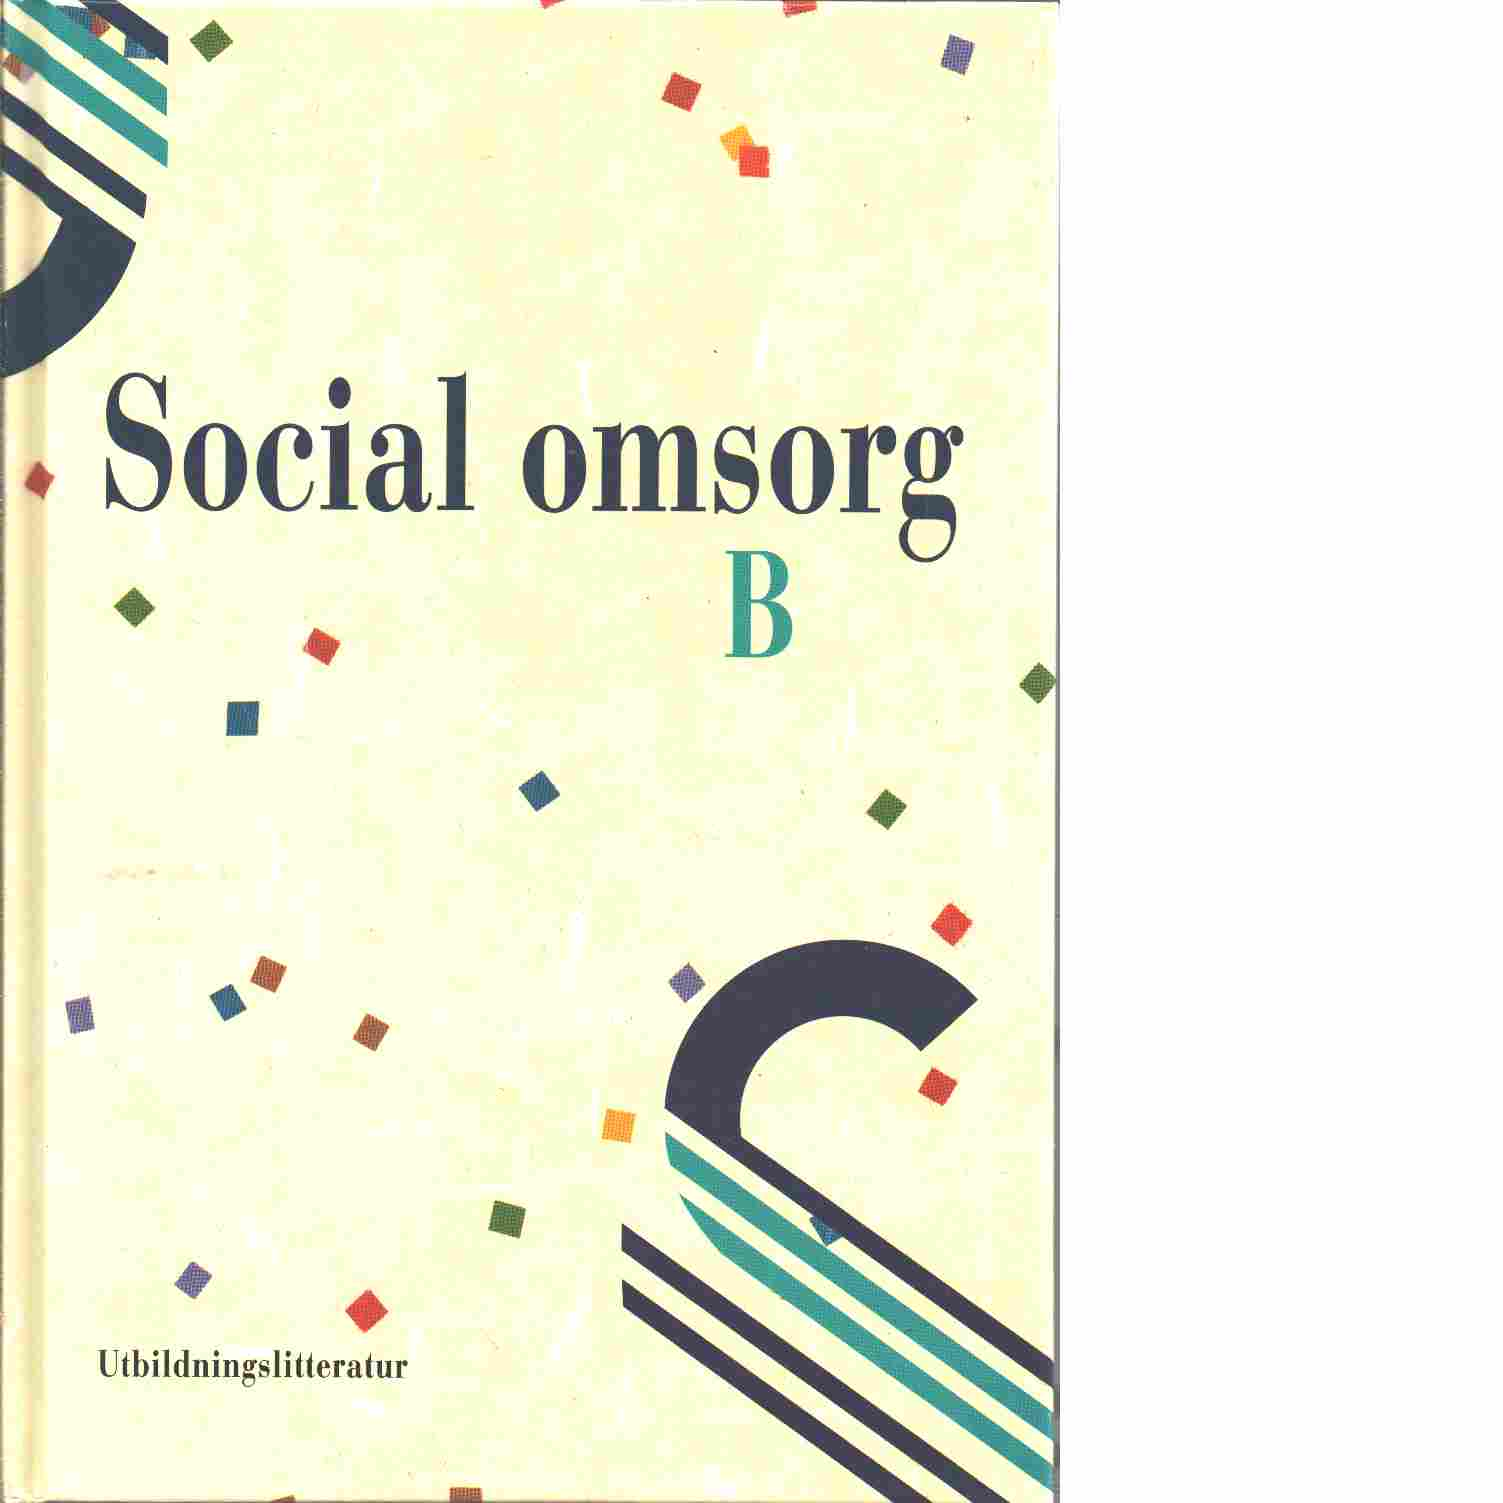 Social omsorg B - Wiberg, Erland och Arvidsson, Kenneth samt Olofsson, Margareta